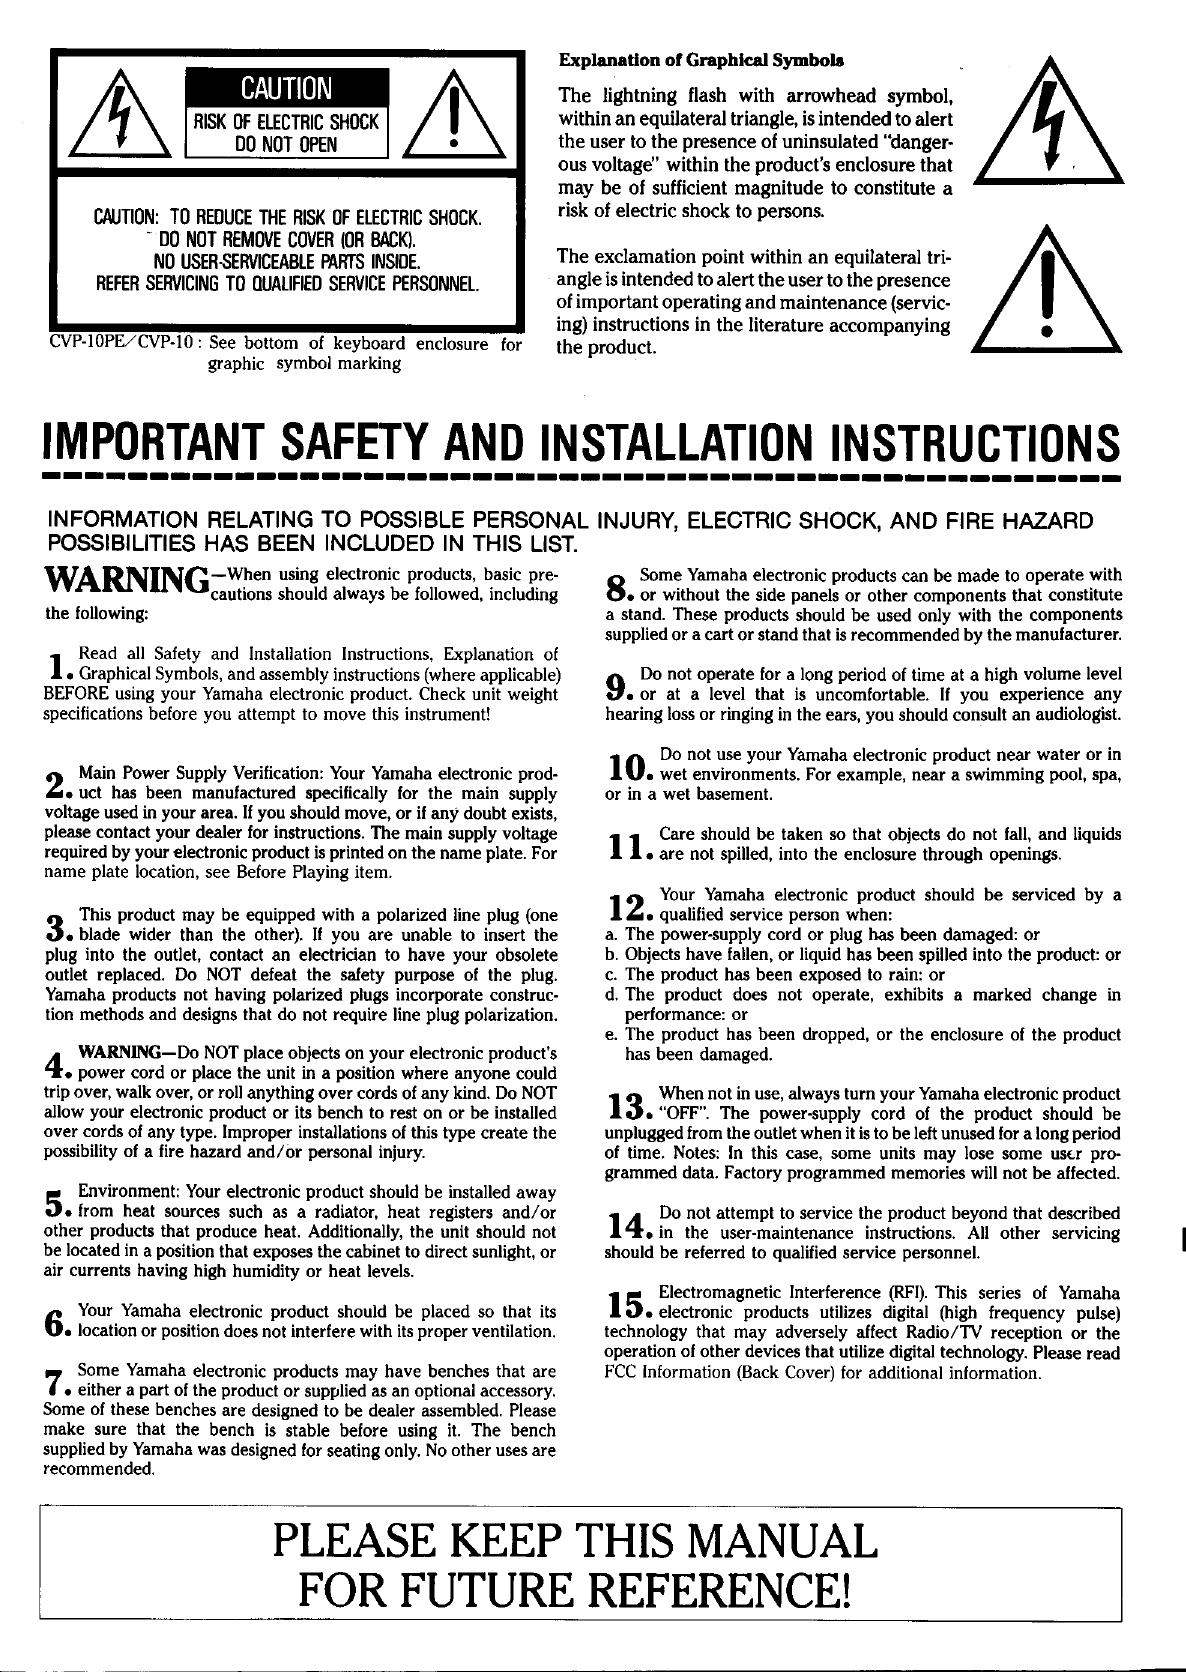 Handleiding Yamaha CVP-10 (pagina 1 van 31) (English)